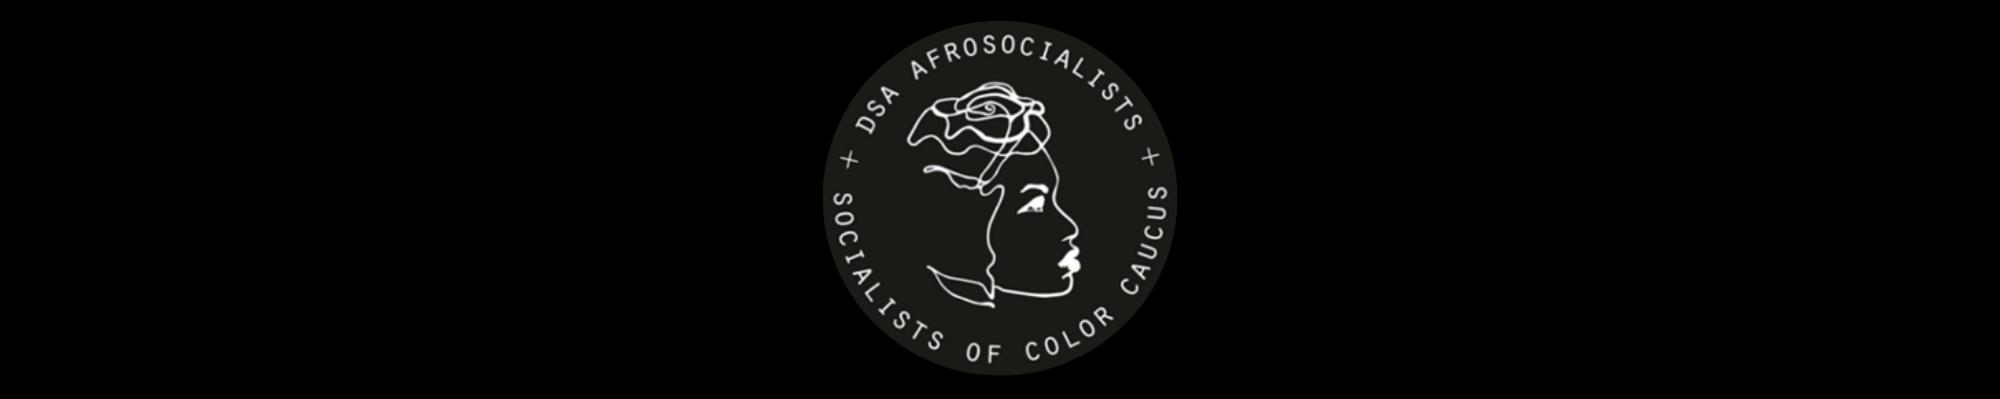 Afrosocialists & Socialists of Color Caucus